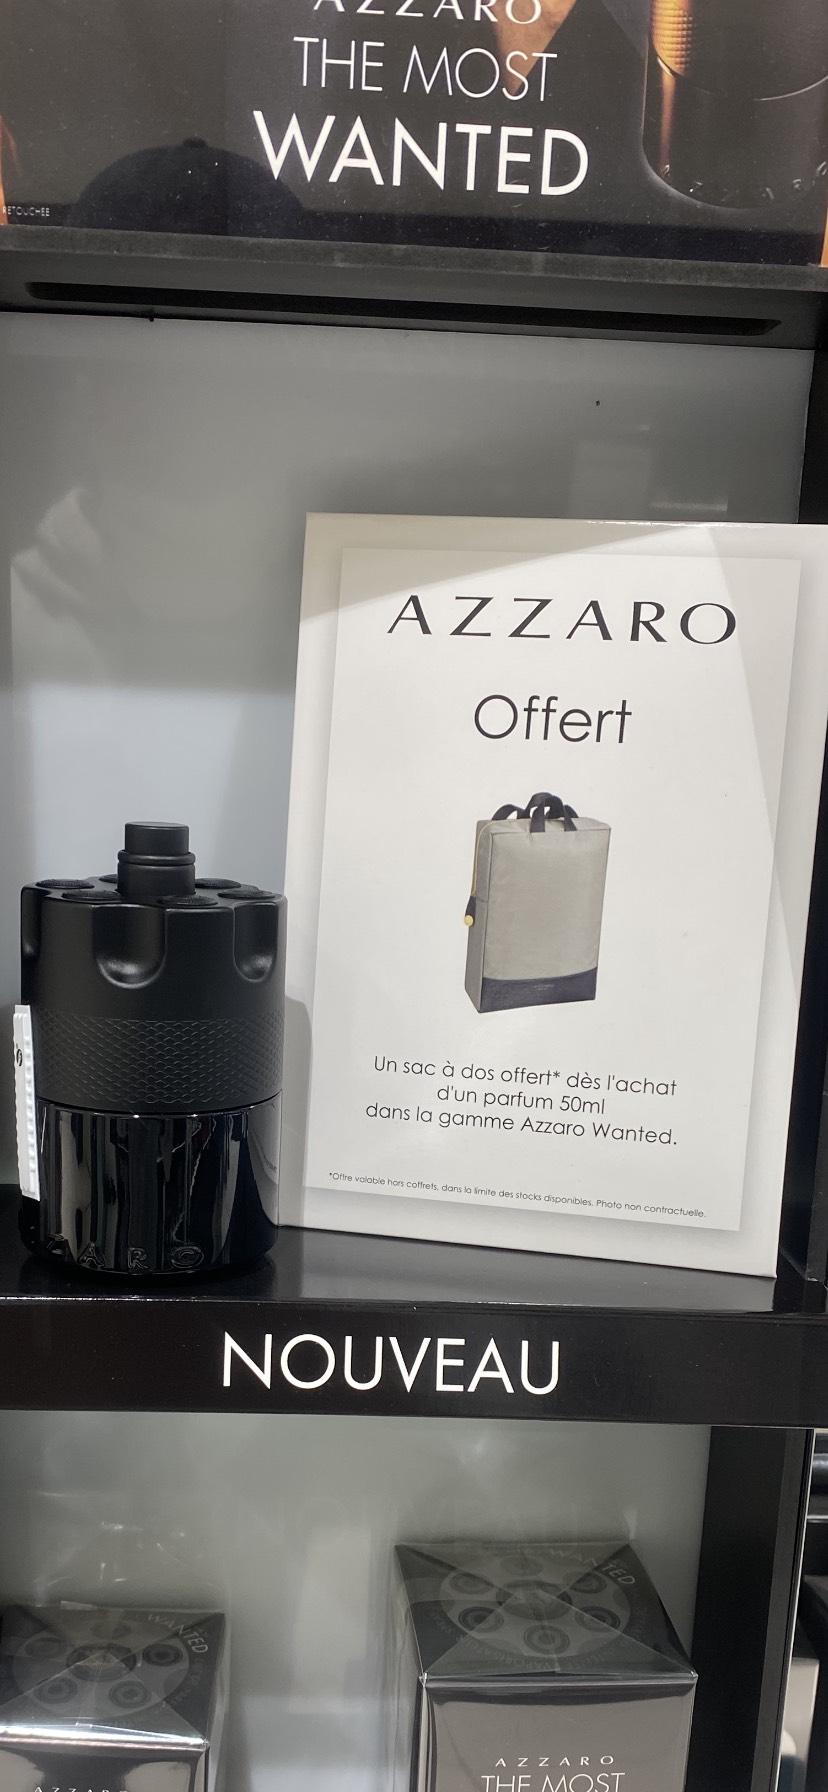 Un sac à dos offert pour l'achat d'un parfum de la gamme Azzaro Wanted (dès 50 ml) - Versailles (78)